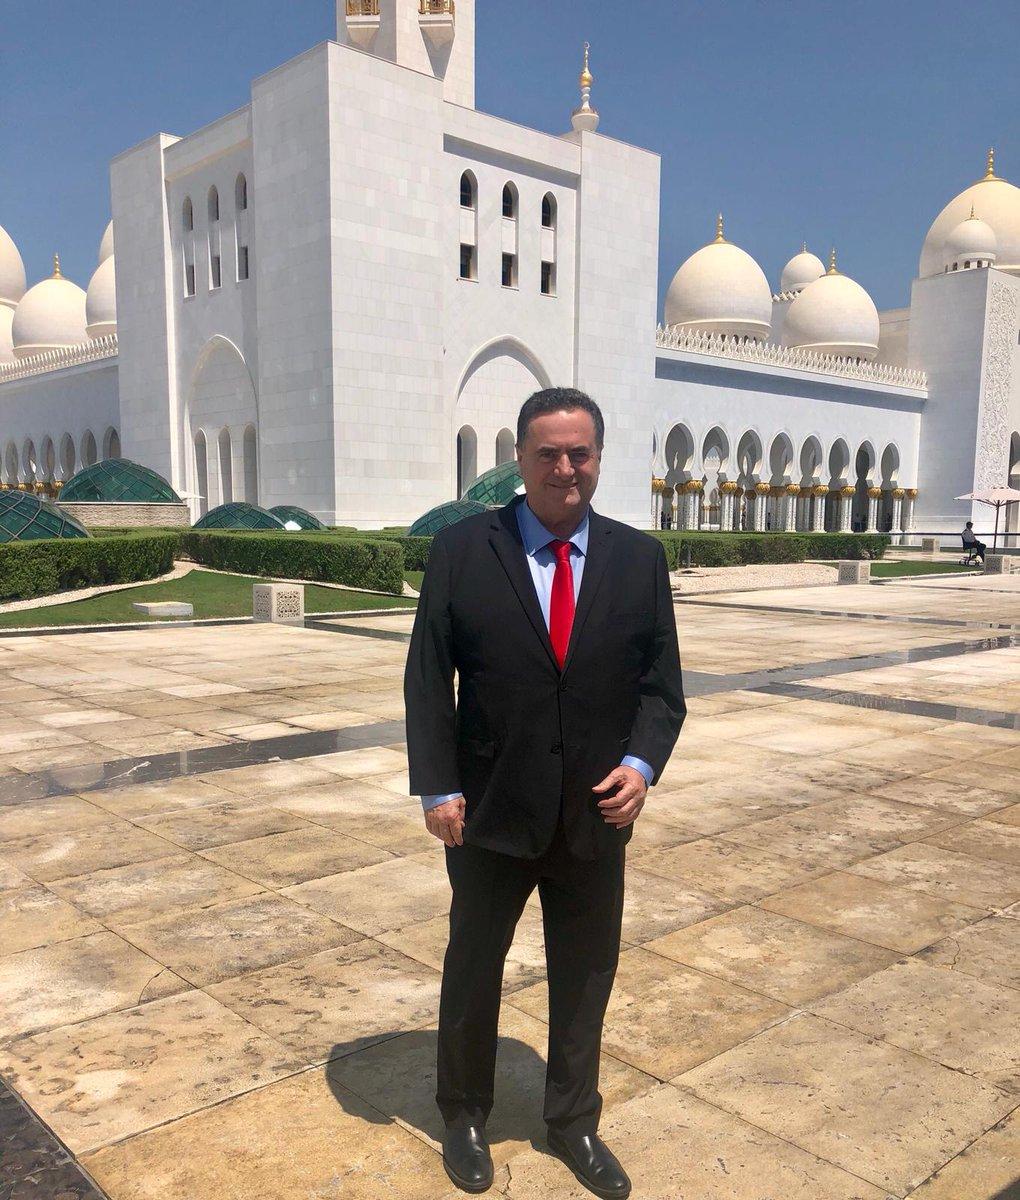 أبوظبي تستقبل وزير الخارجية الإسرائيلي في زيارة سرية